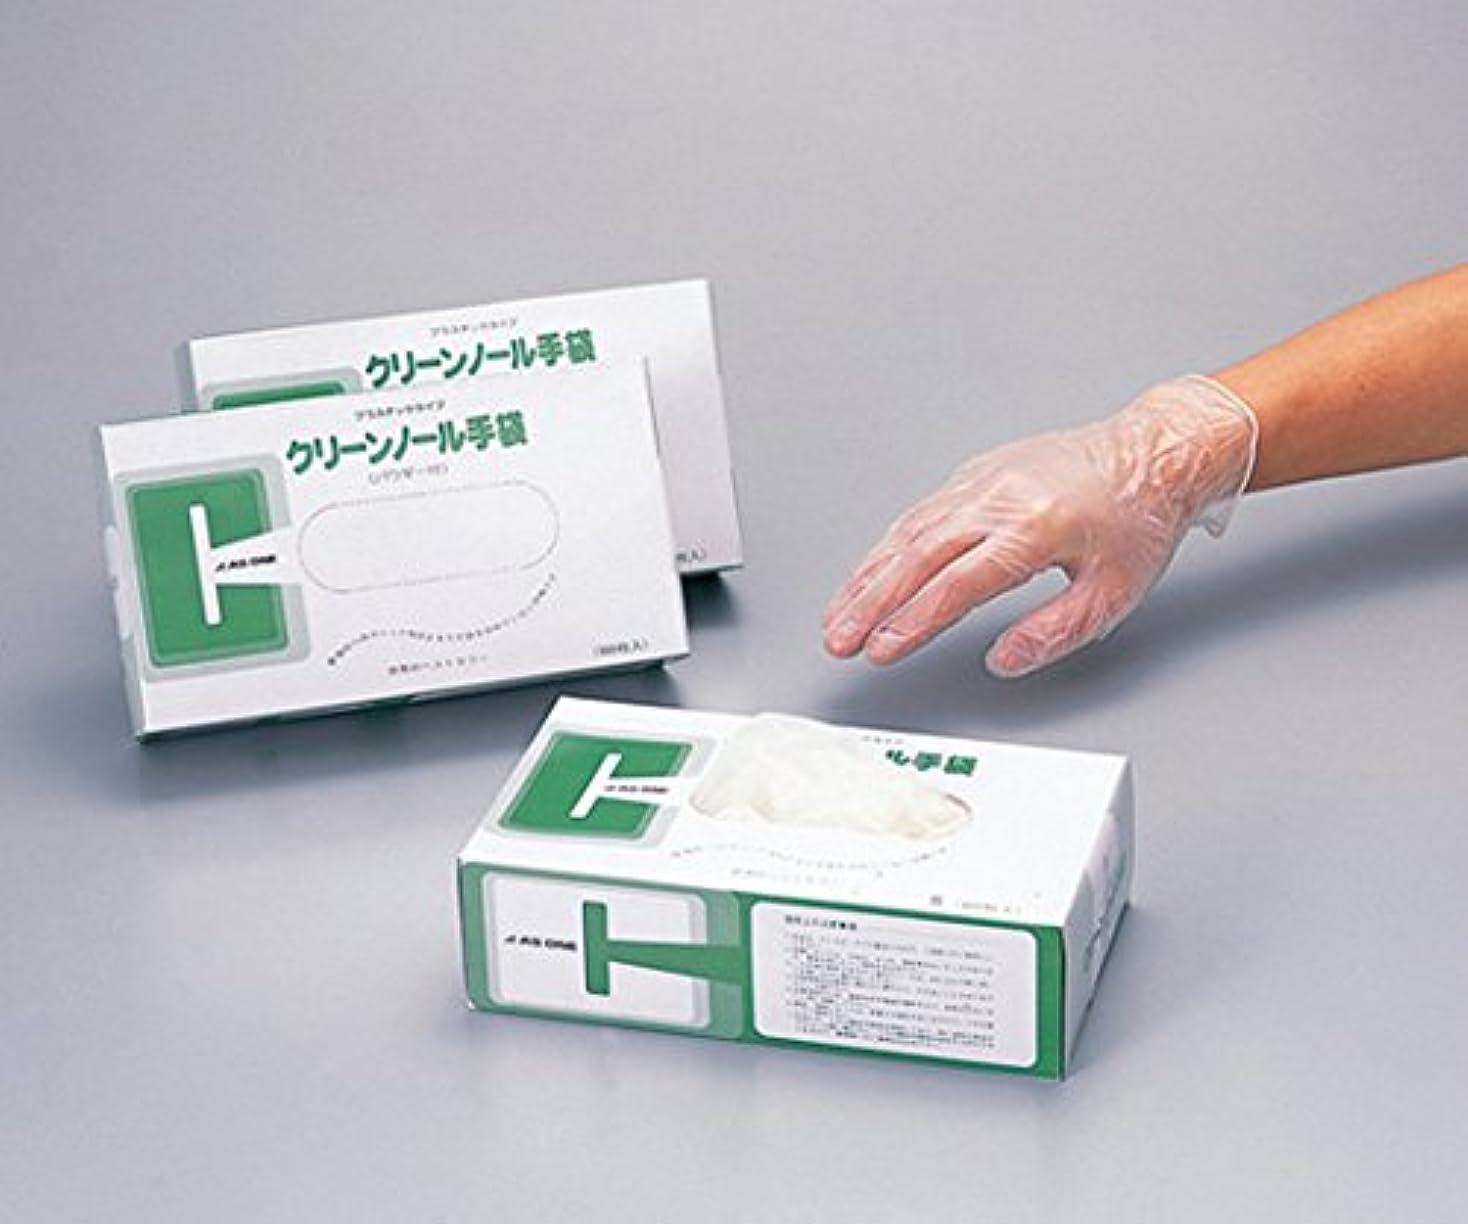 利得蓋紀元前アズワン6-903-02クリーンノール手袋PVCパウダー付M100枚入